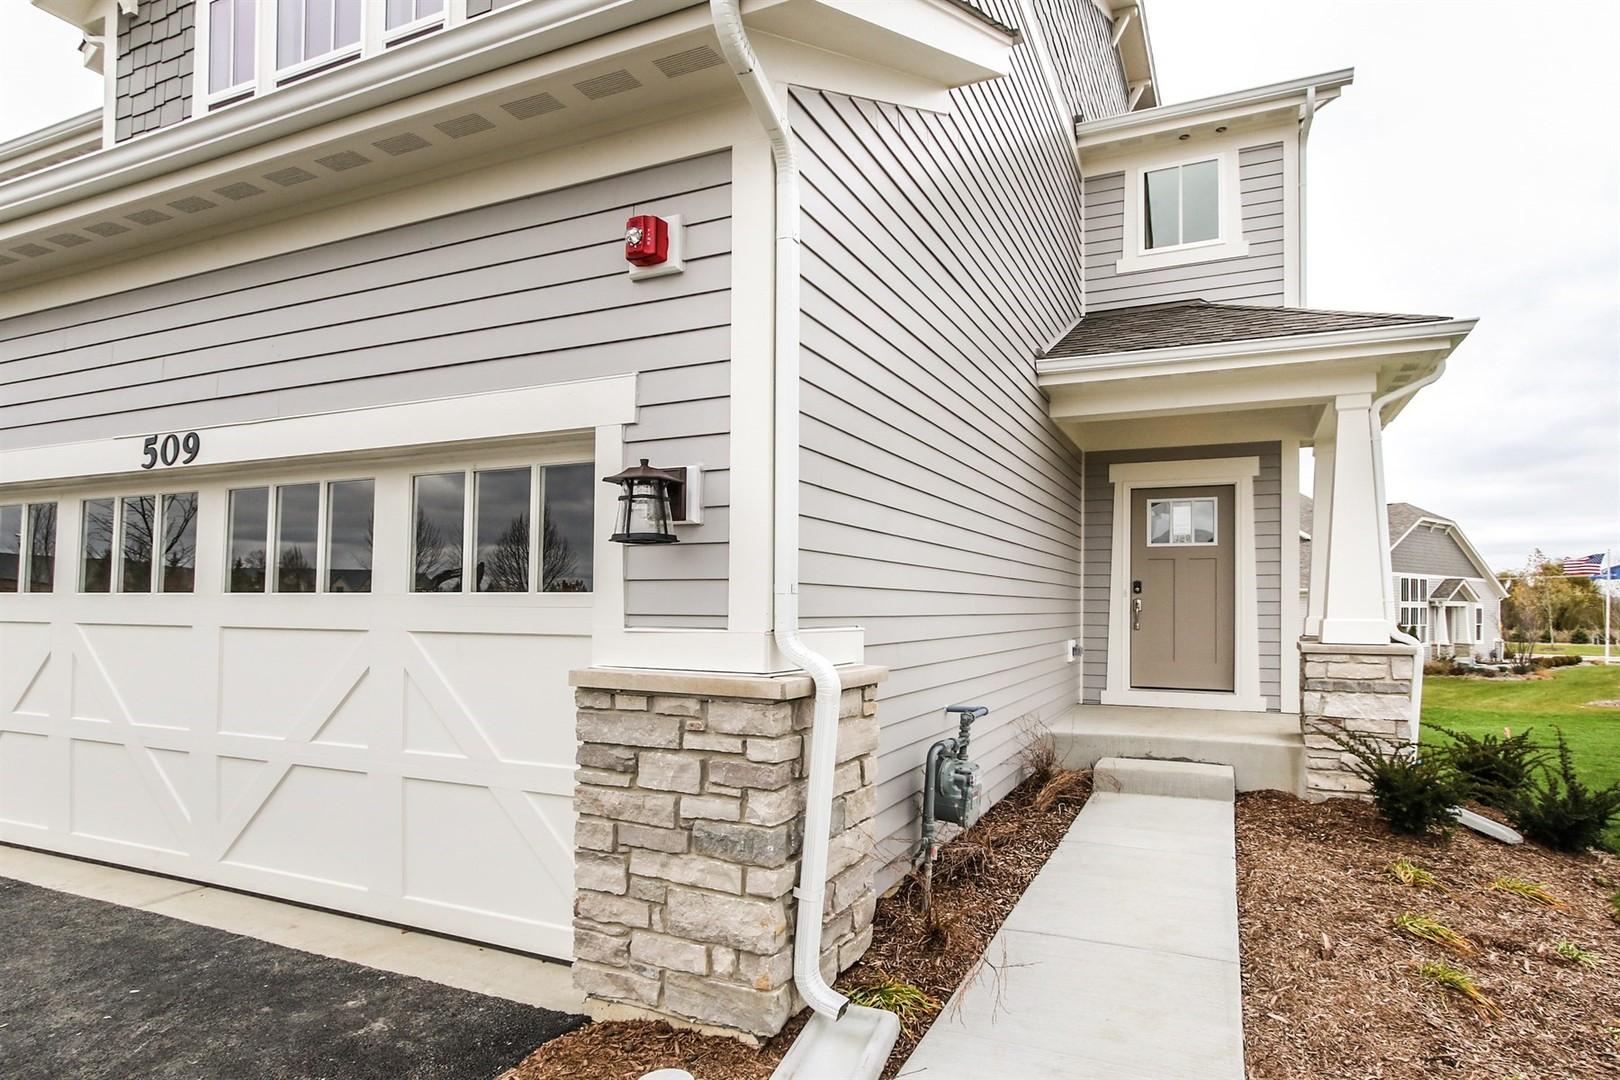 509 Peterson Lot #9.04, BARRINGTON, Illinois, 60010